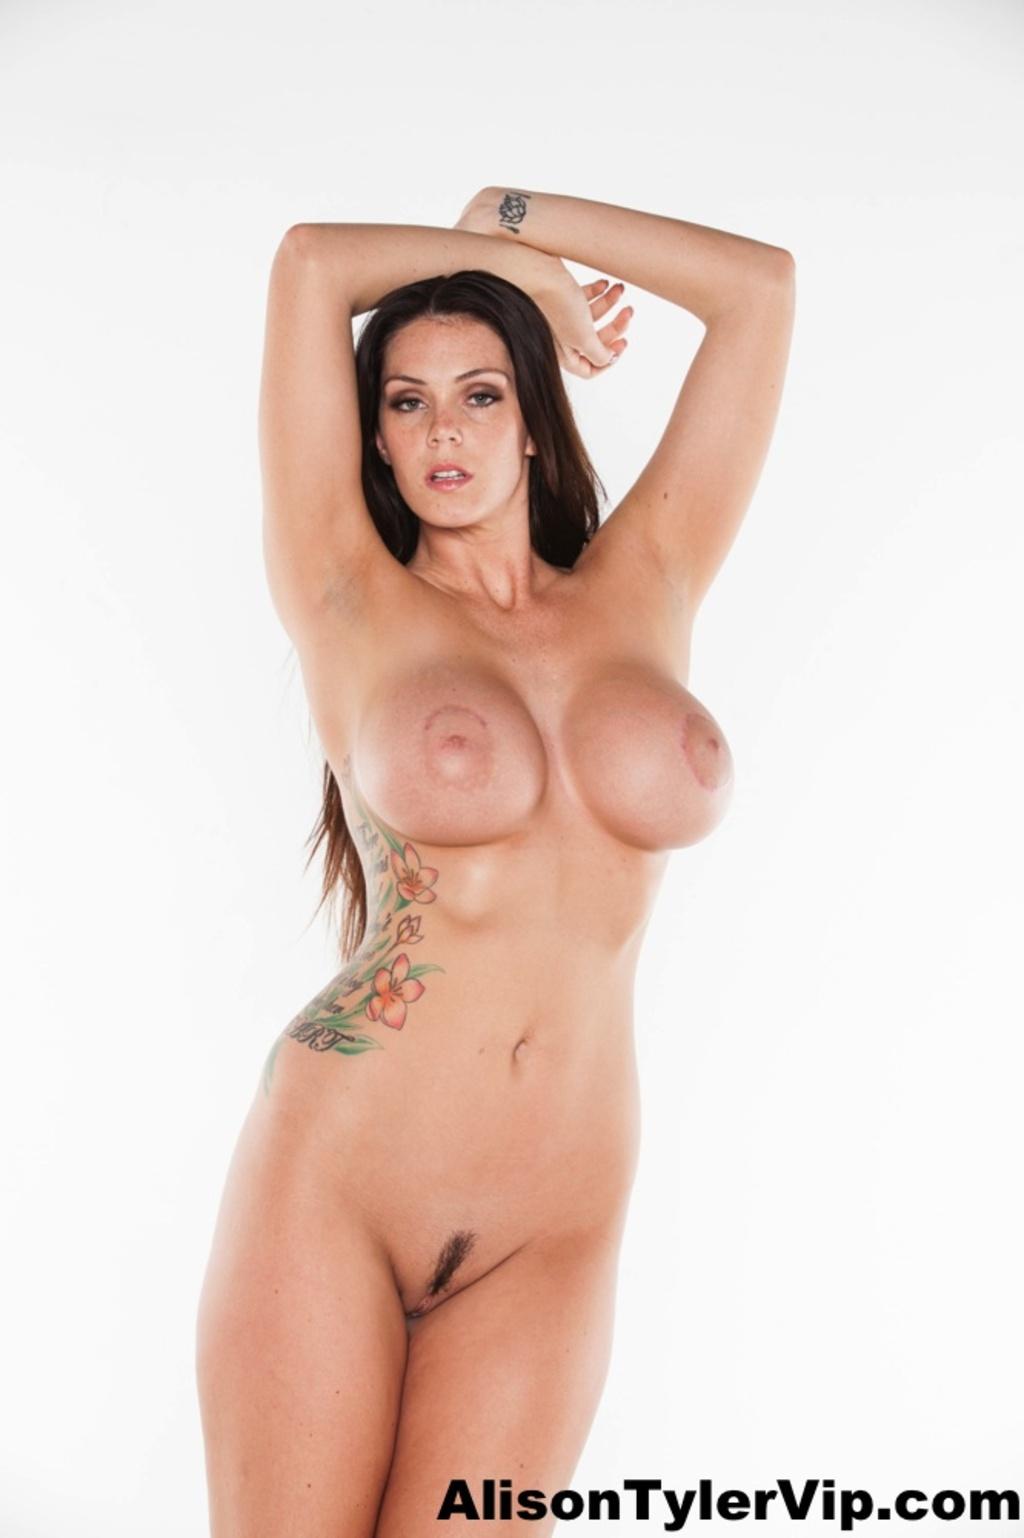 alison tyler nude studio shoots   pubacash   4 15 playboy babes